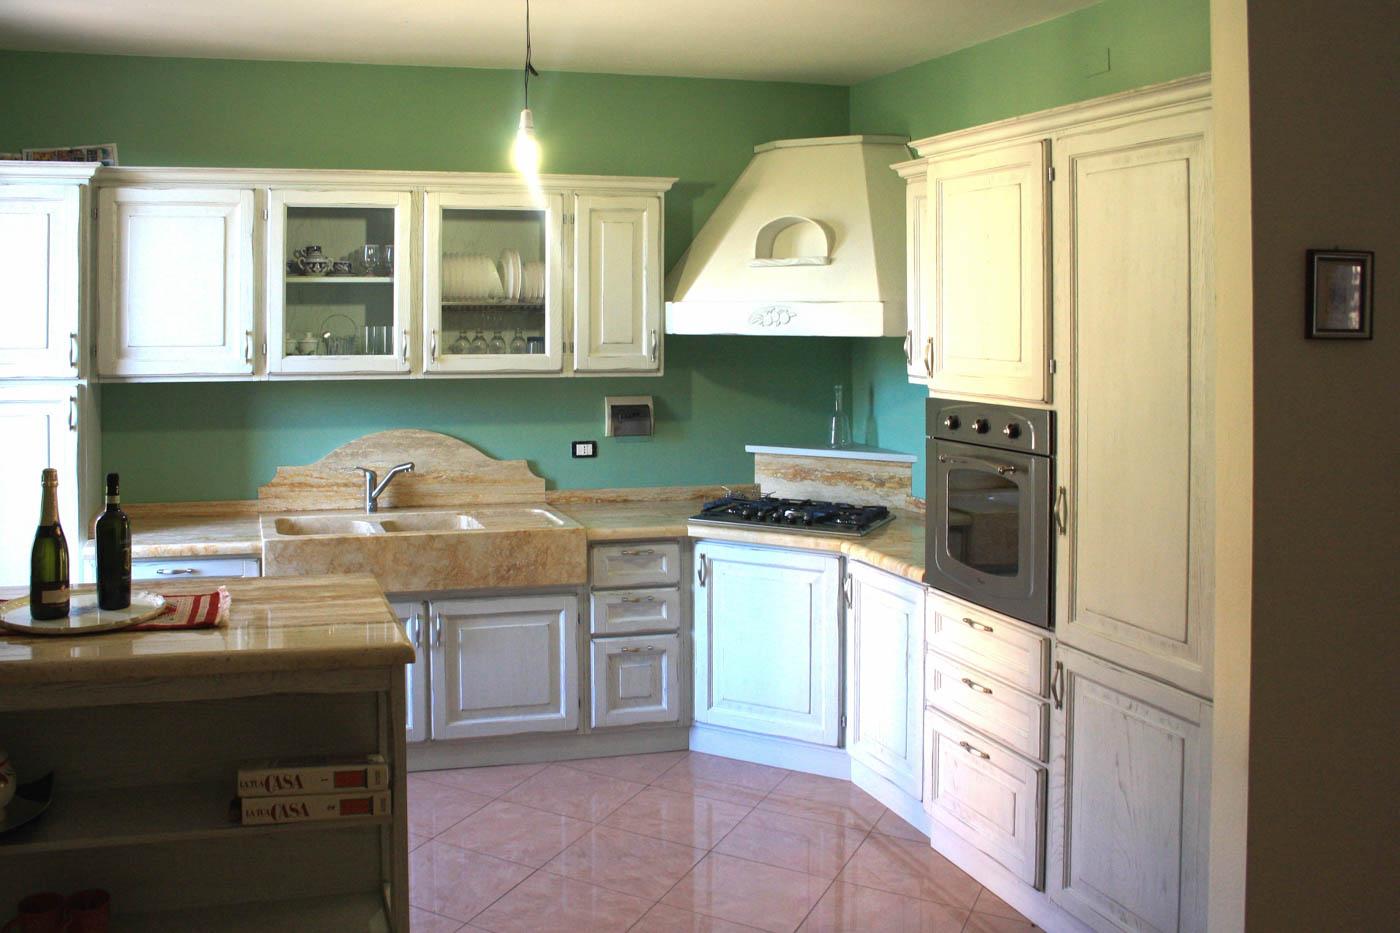 Cucine ad angolo con finestra stunning cucine ad angolo foto cucine ad angolo febal with cucine - Cucina ad angolo con finestra ...